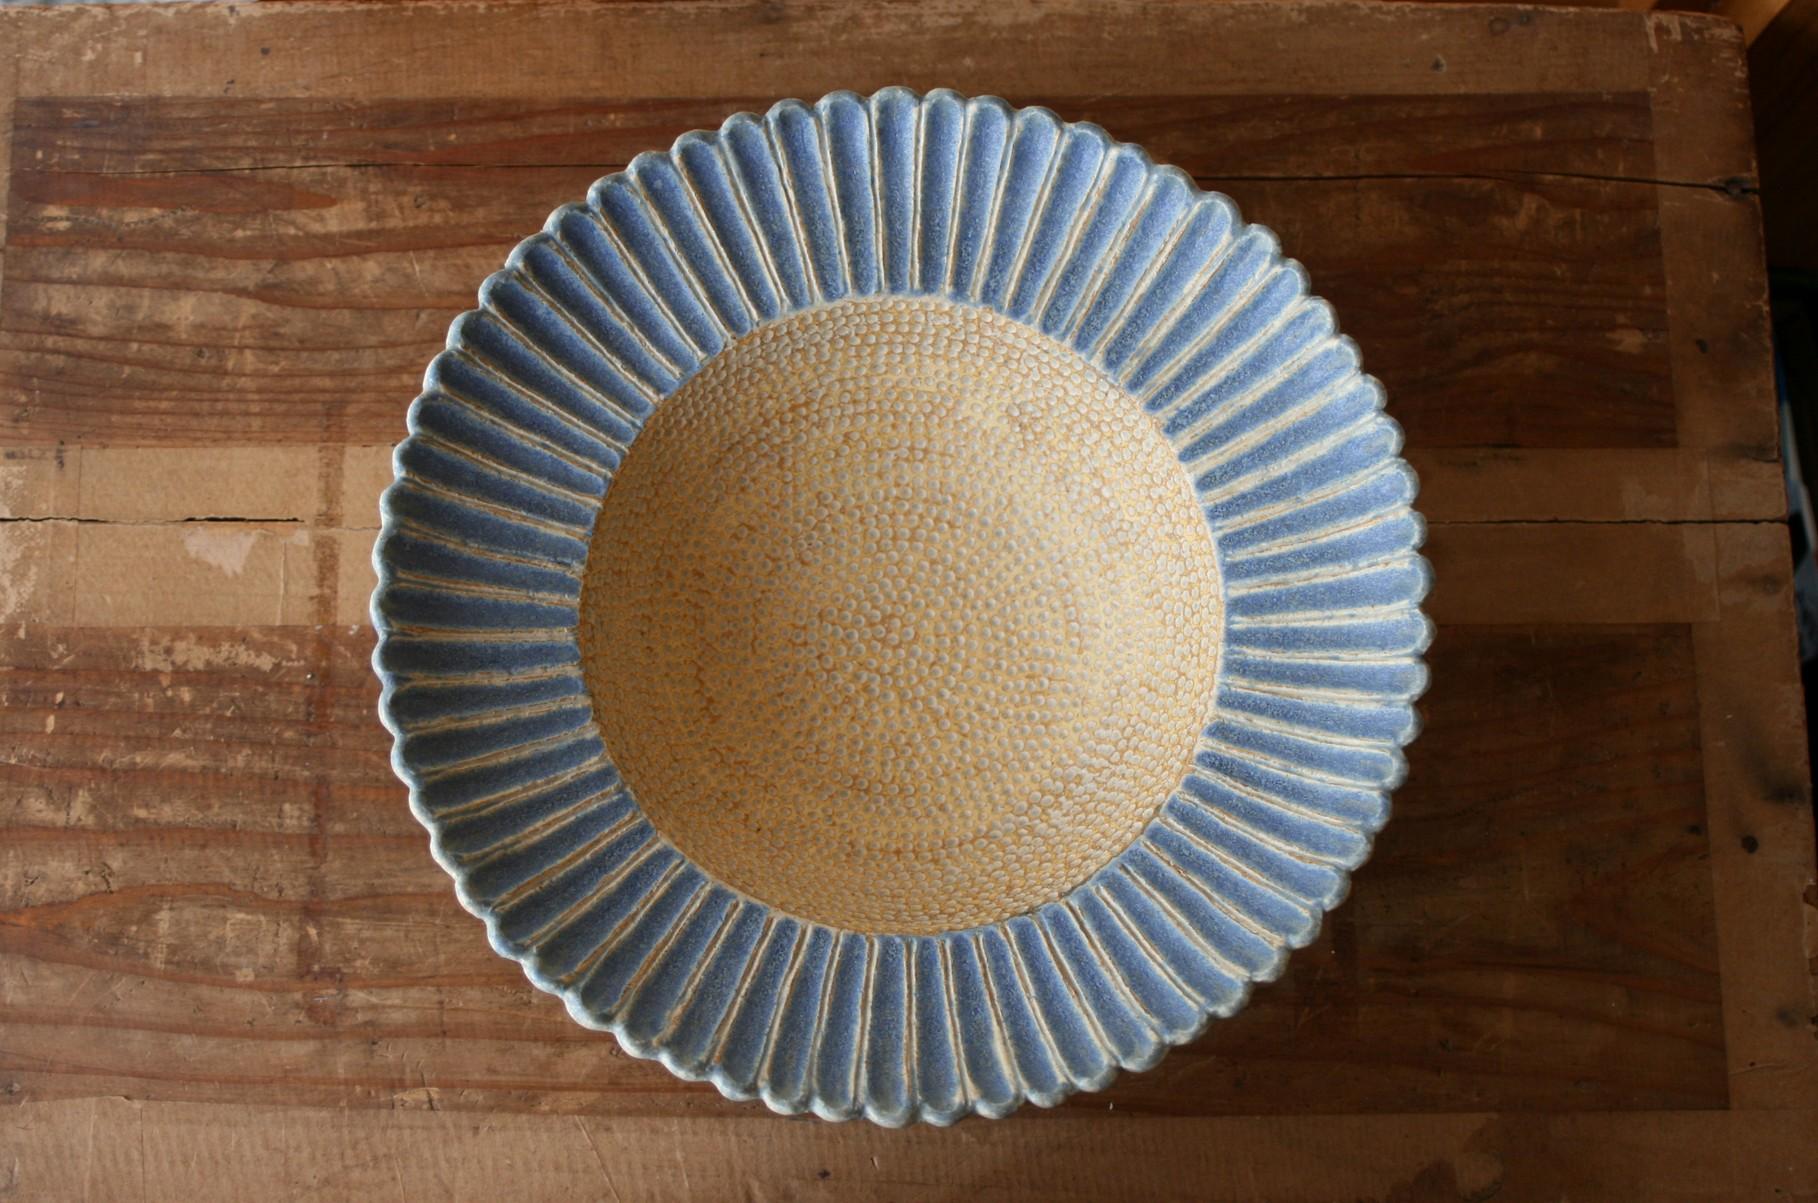 ブルーデイジー(鉢)